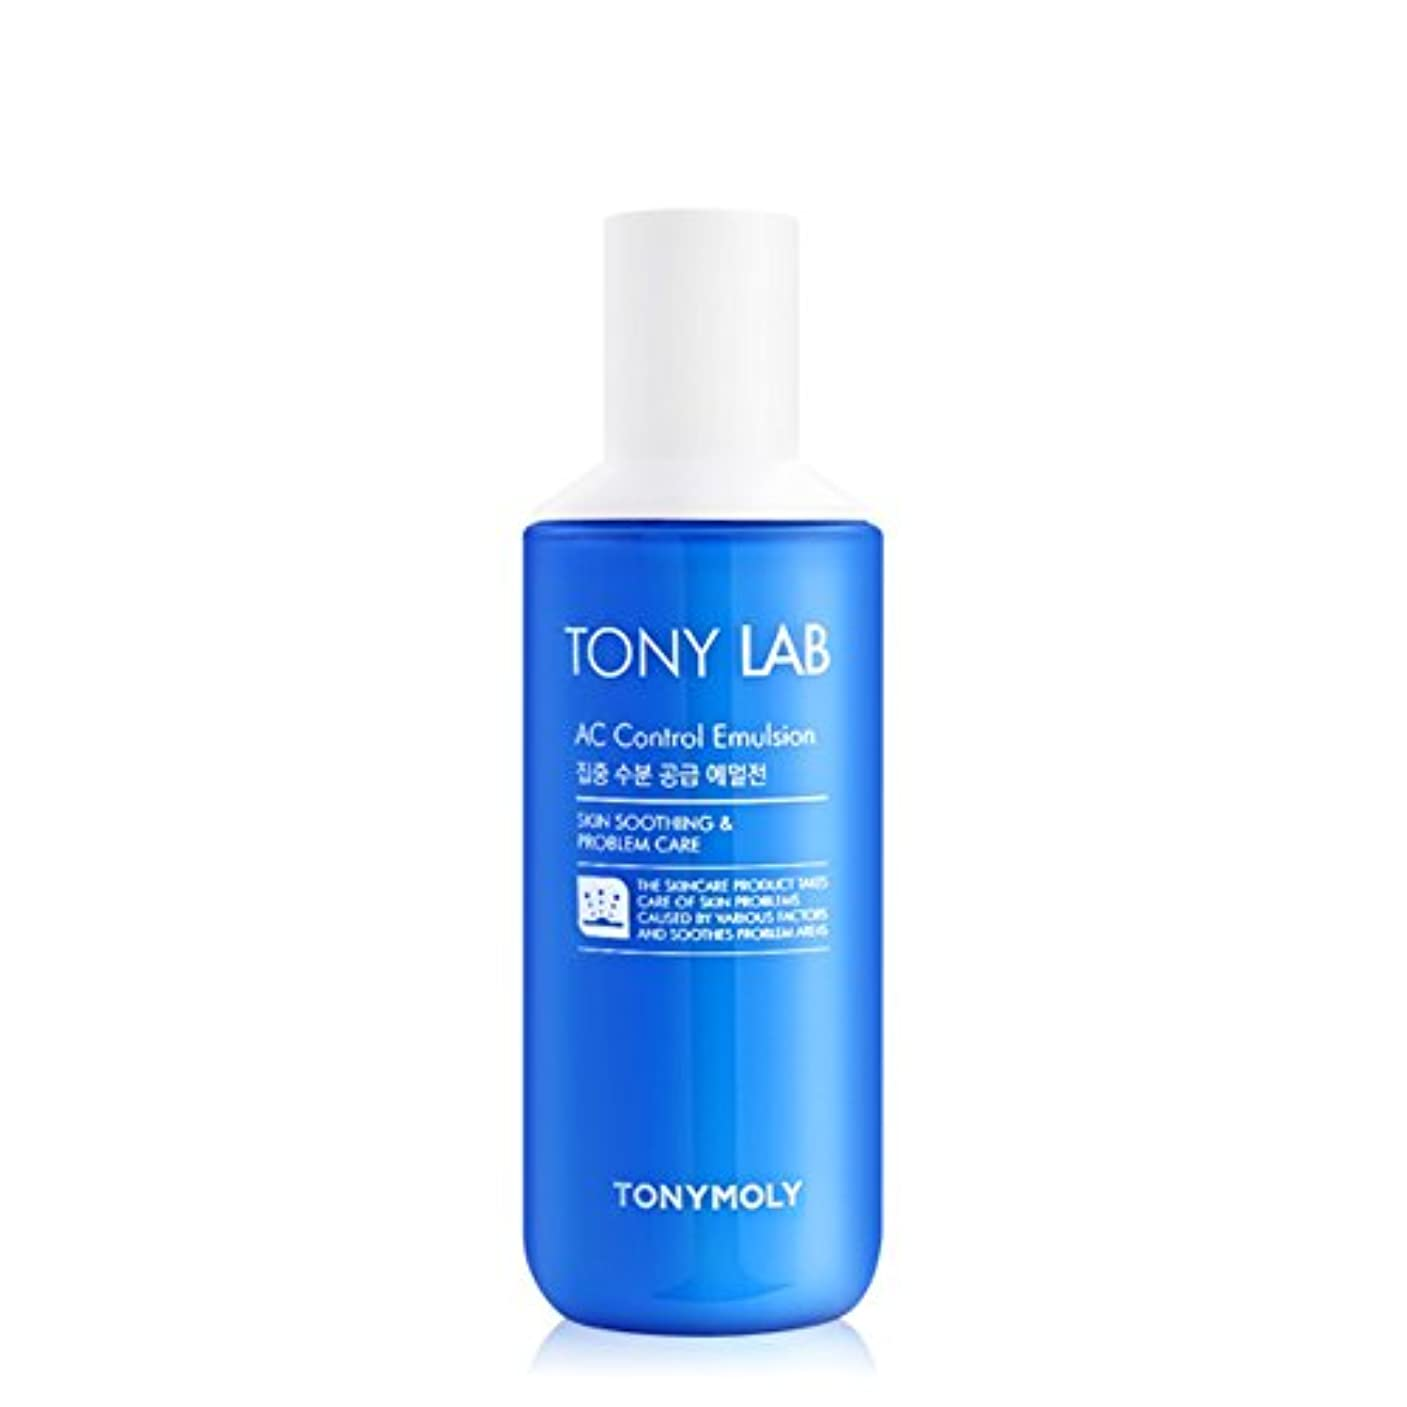 学ぶ土地配列[2016 New] TONYMOLY Tony Lab AC Control Emulsion 160ml/トニーモリー トニー ラボ AC コントロール エマルジョン 160ml [並行輸入品]